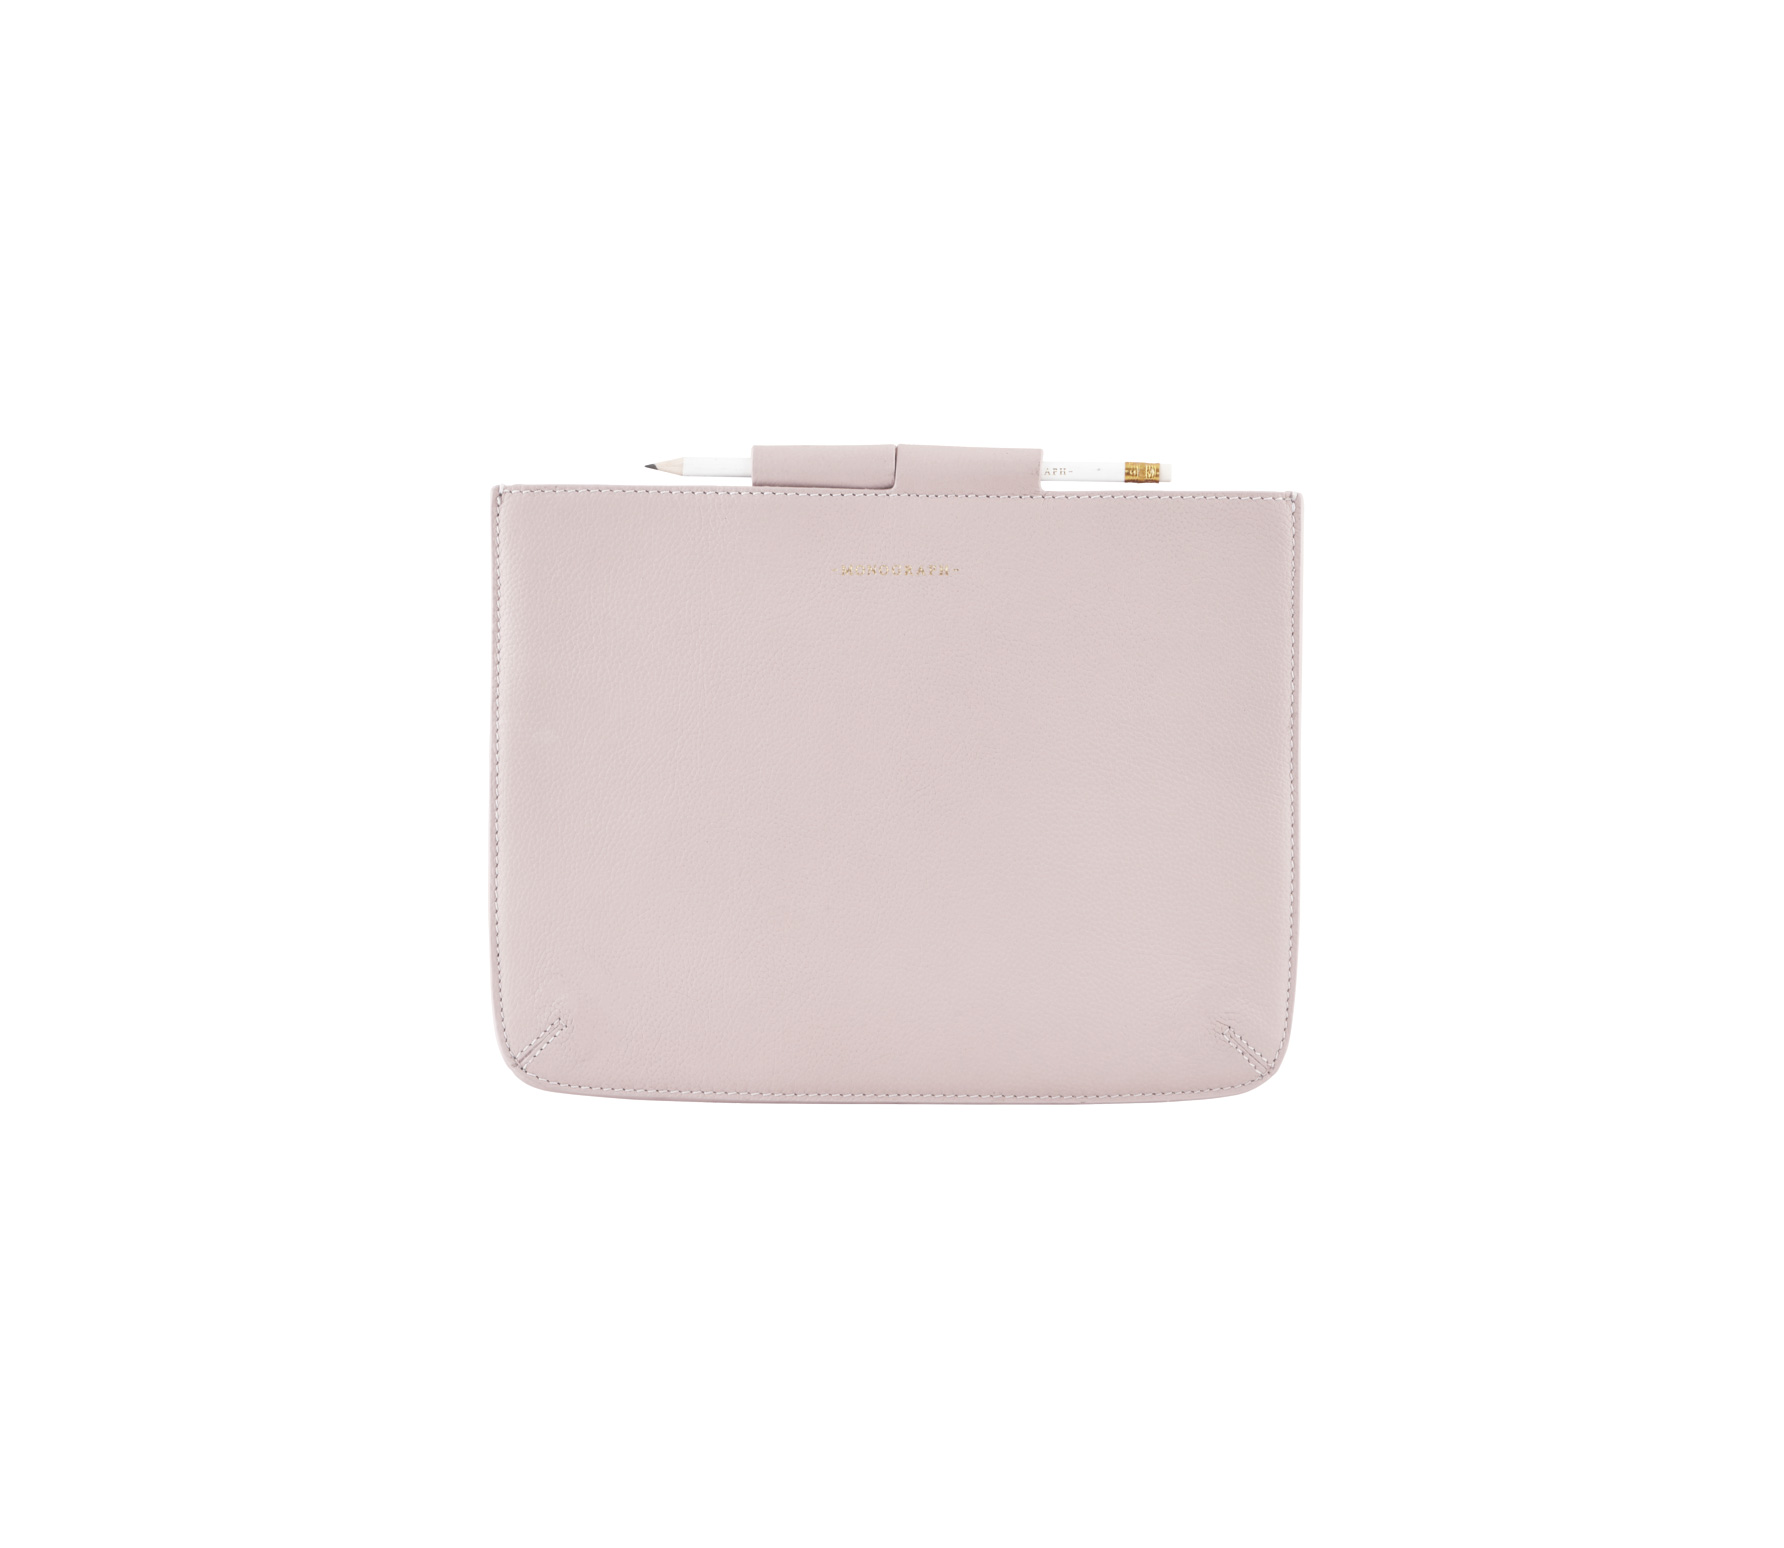 Housedoctor Cover iPad hoes leer roze Normaal 29 x 22 cm